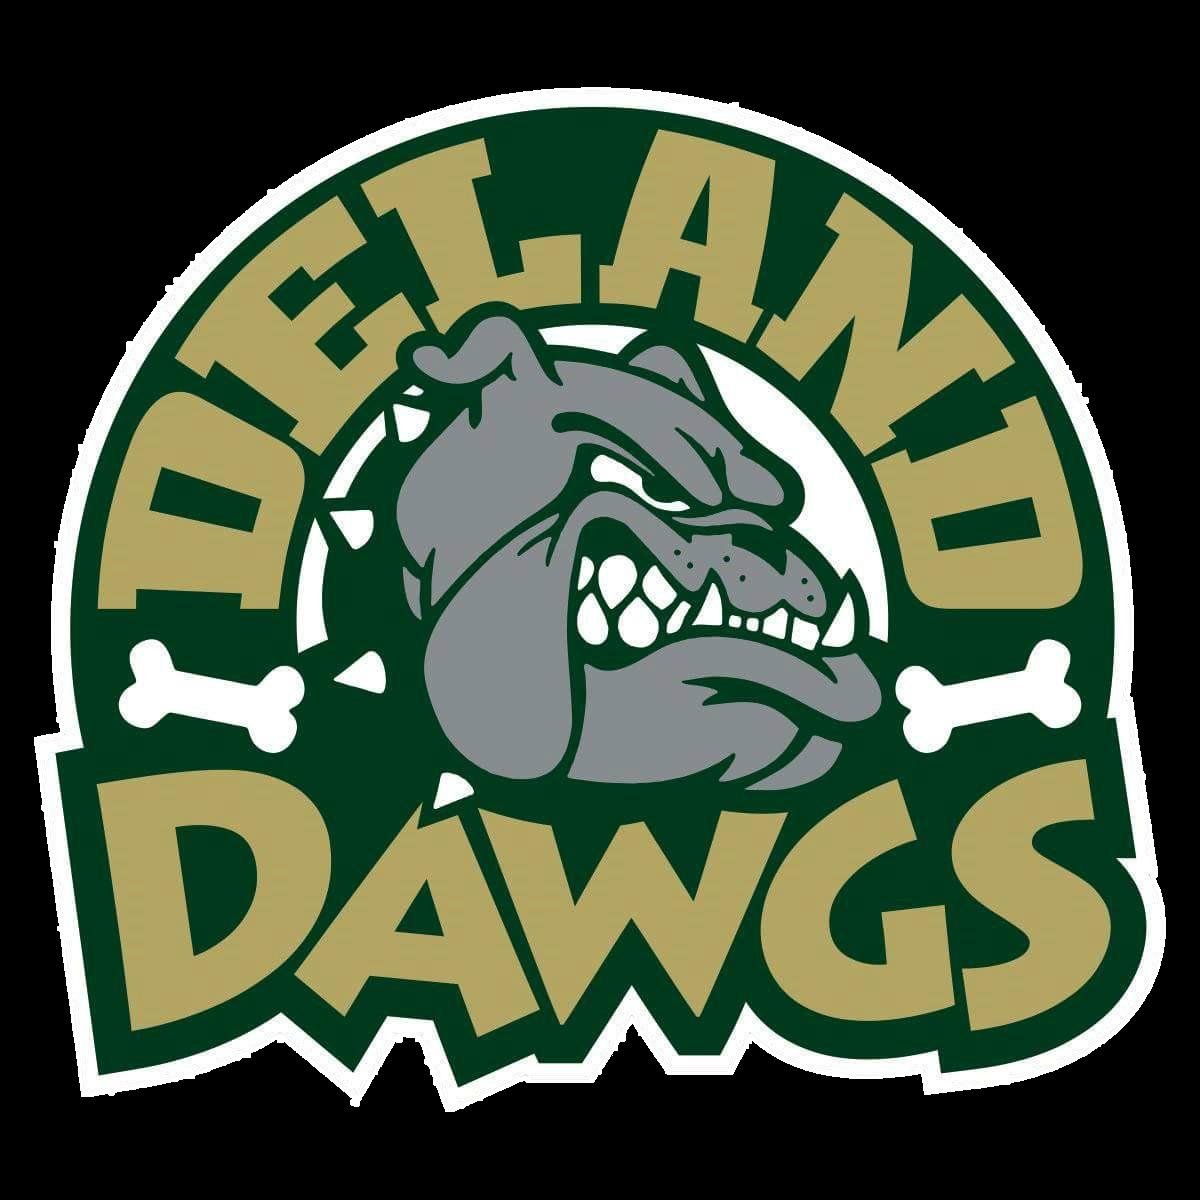 Deland Dawgs